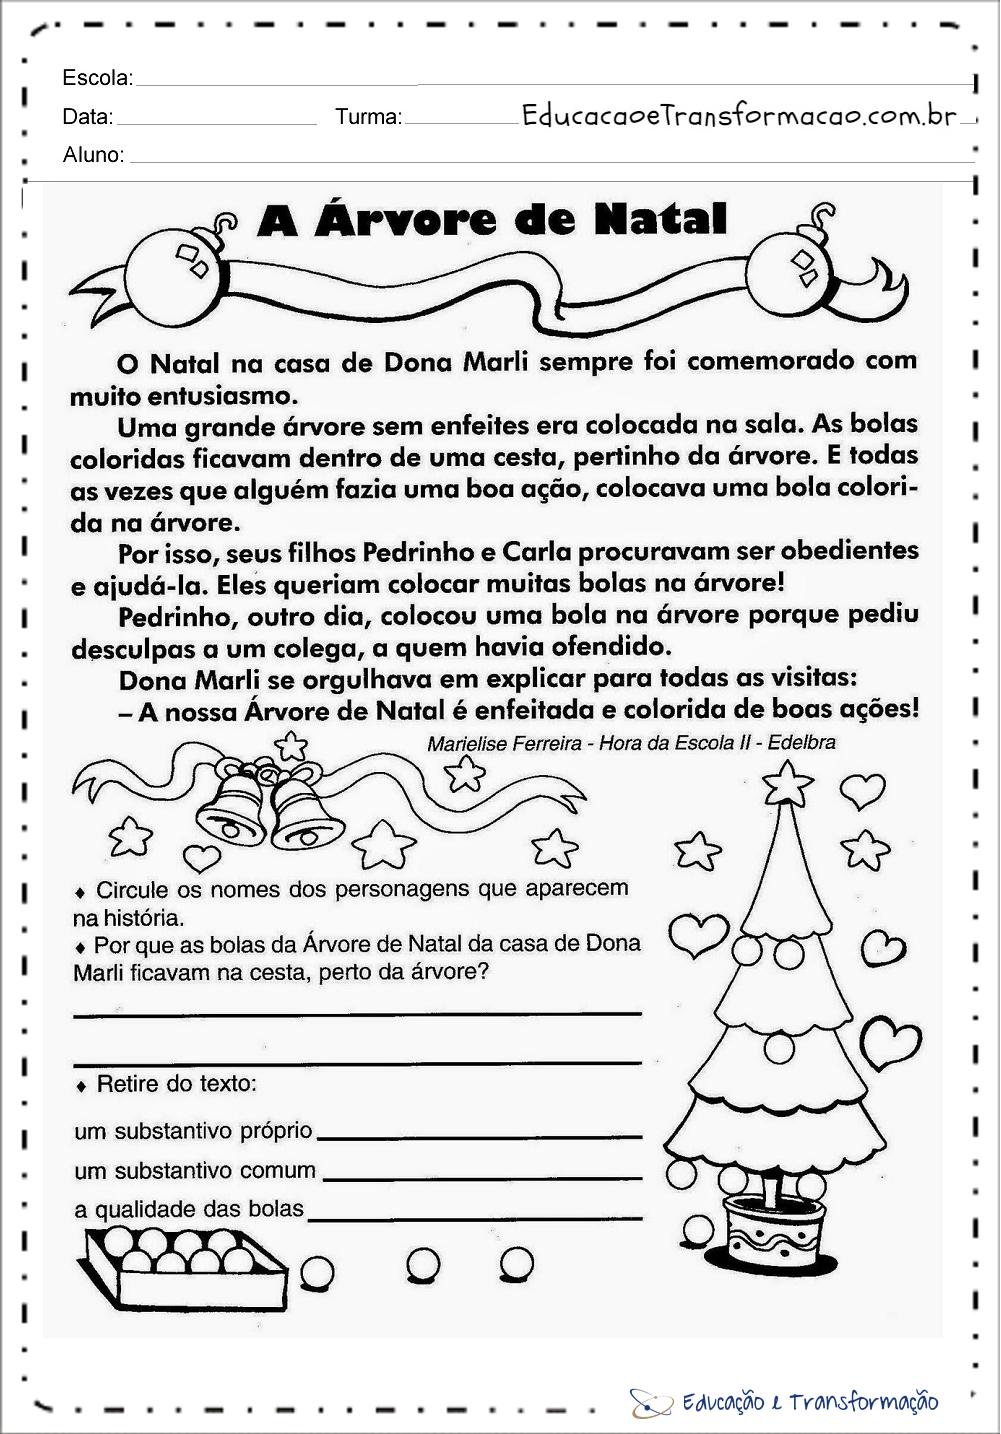 Atividades de Natal 1 ano do Ensino Fundamental pra imprimir